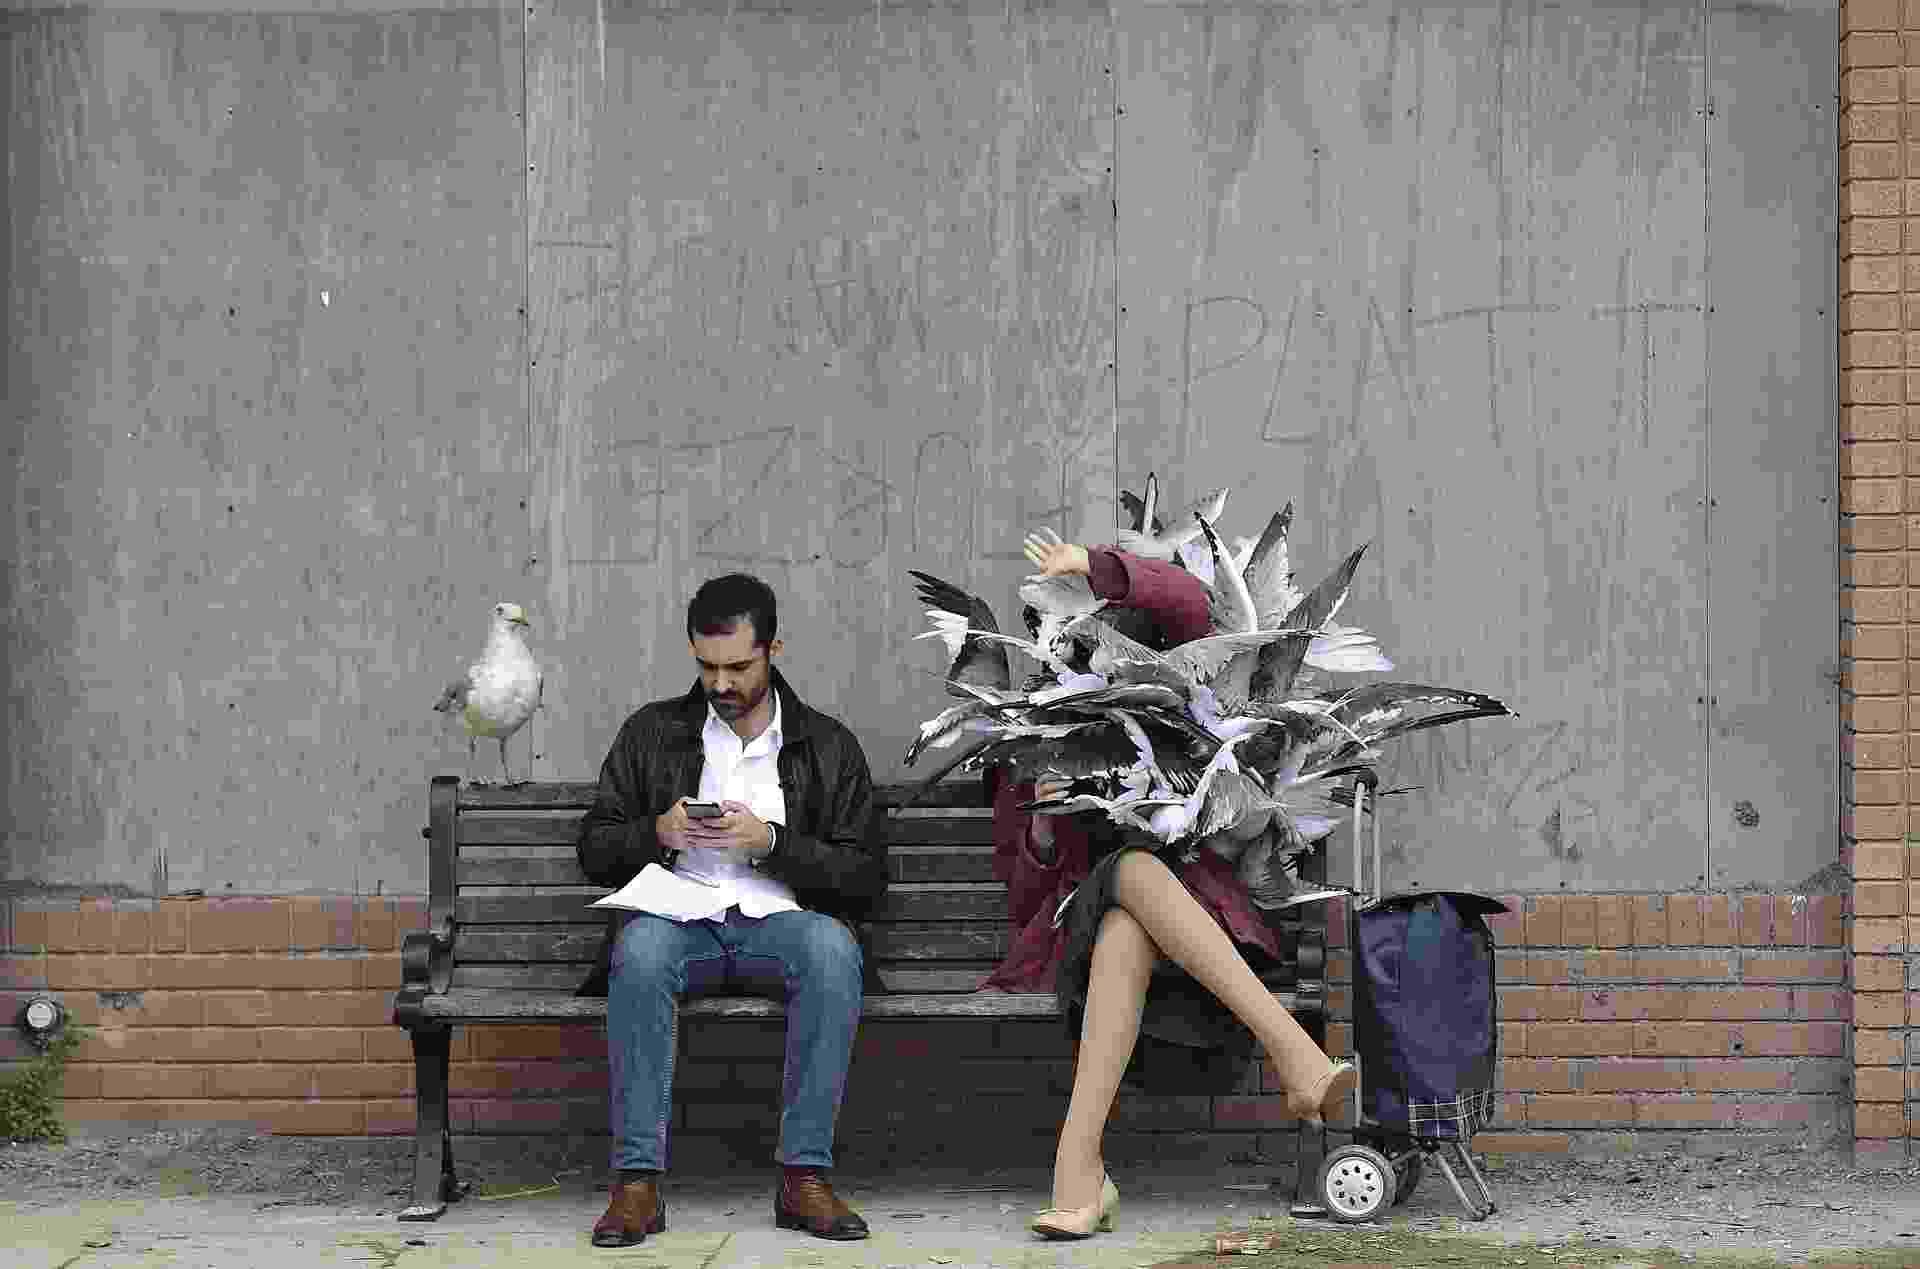 """20.ago.2015 - O artista urbano britânico Banksy anunciou nesta quinta-feira (20) a abertura da """"Dismaland"""", um """"parque temático familiar para anarquistas principiantes"""" em Somerset, região litorânea ao oeste do Reino Unido - Toby Melville/Reuters"""